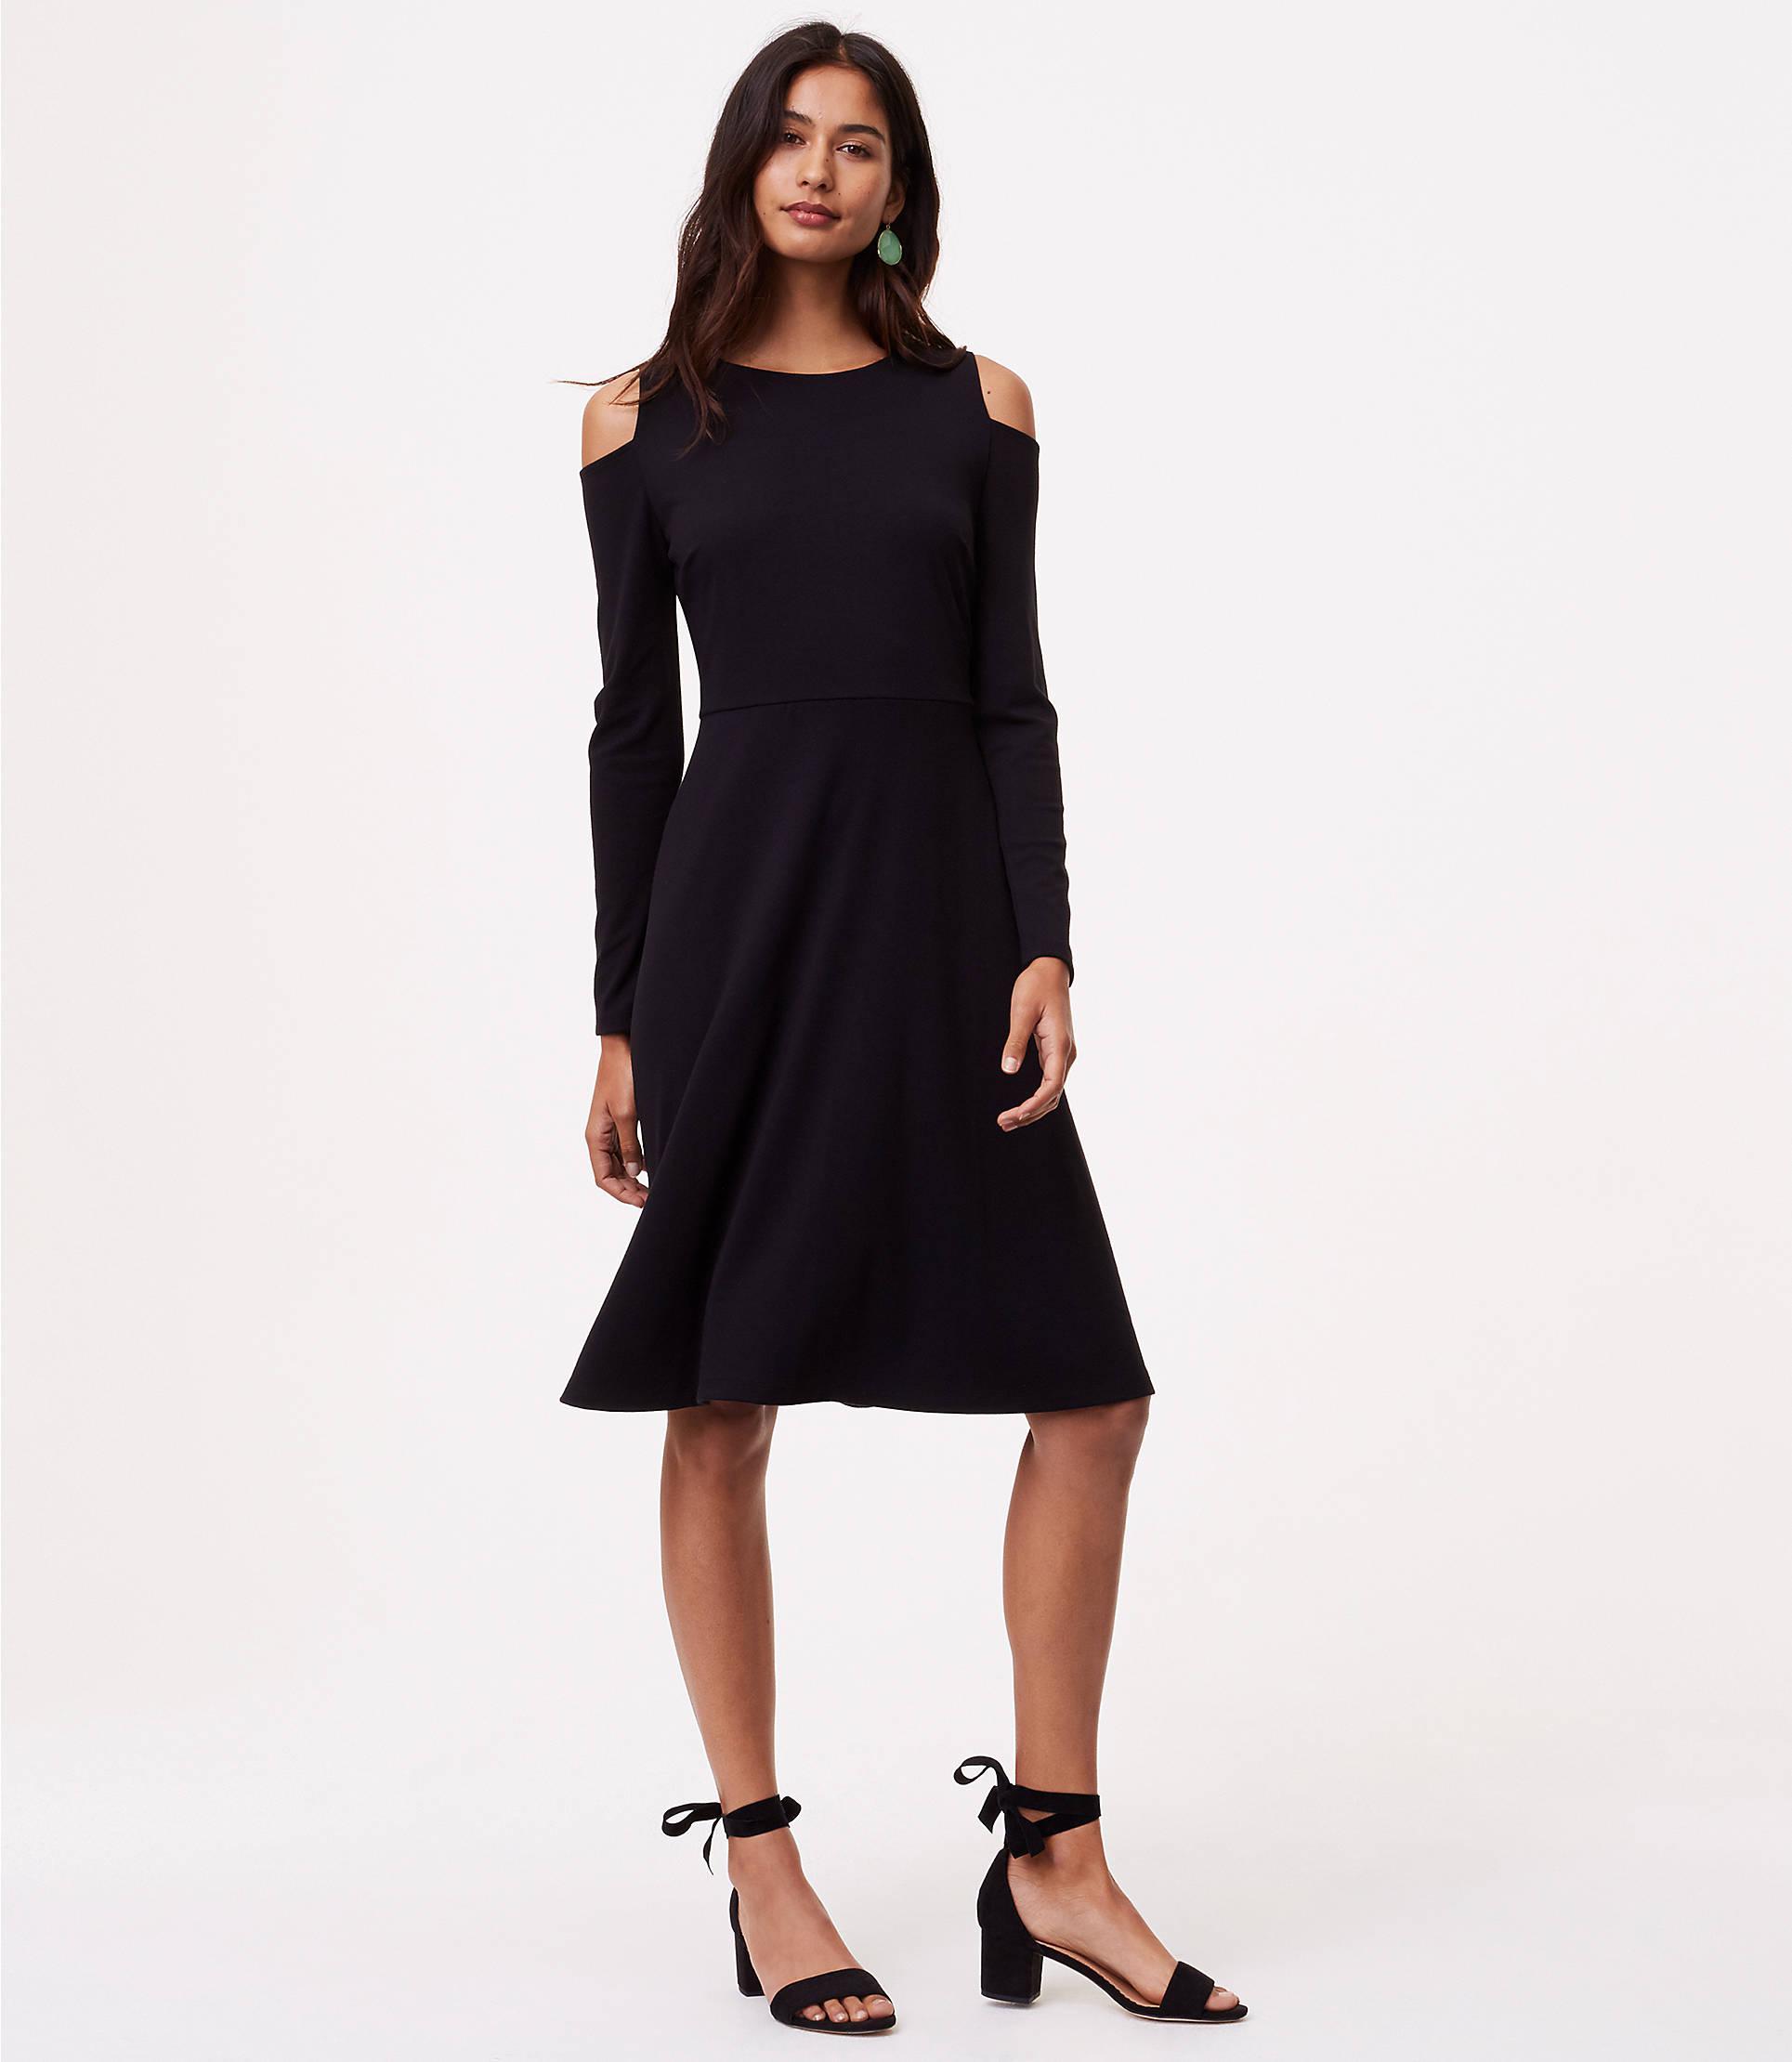 Lyst - Loft Petite Cold Shoulder Flare Dress in Black